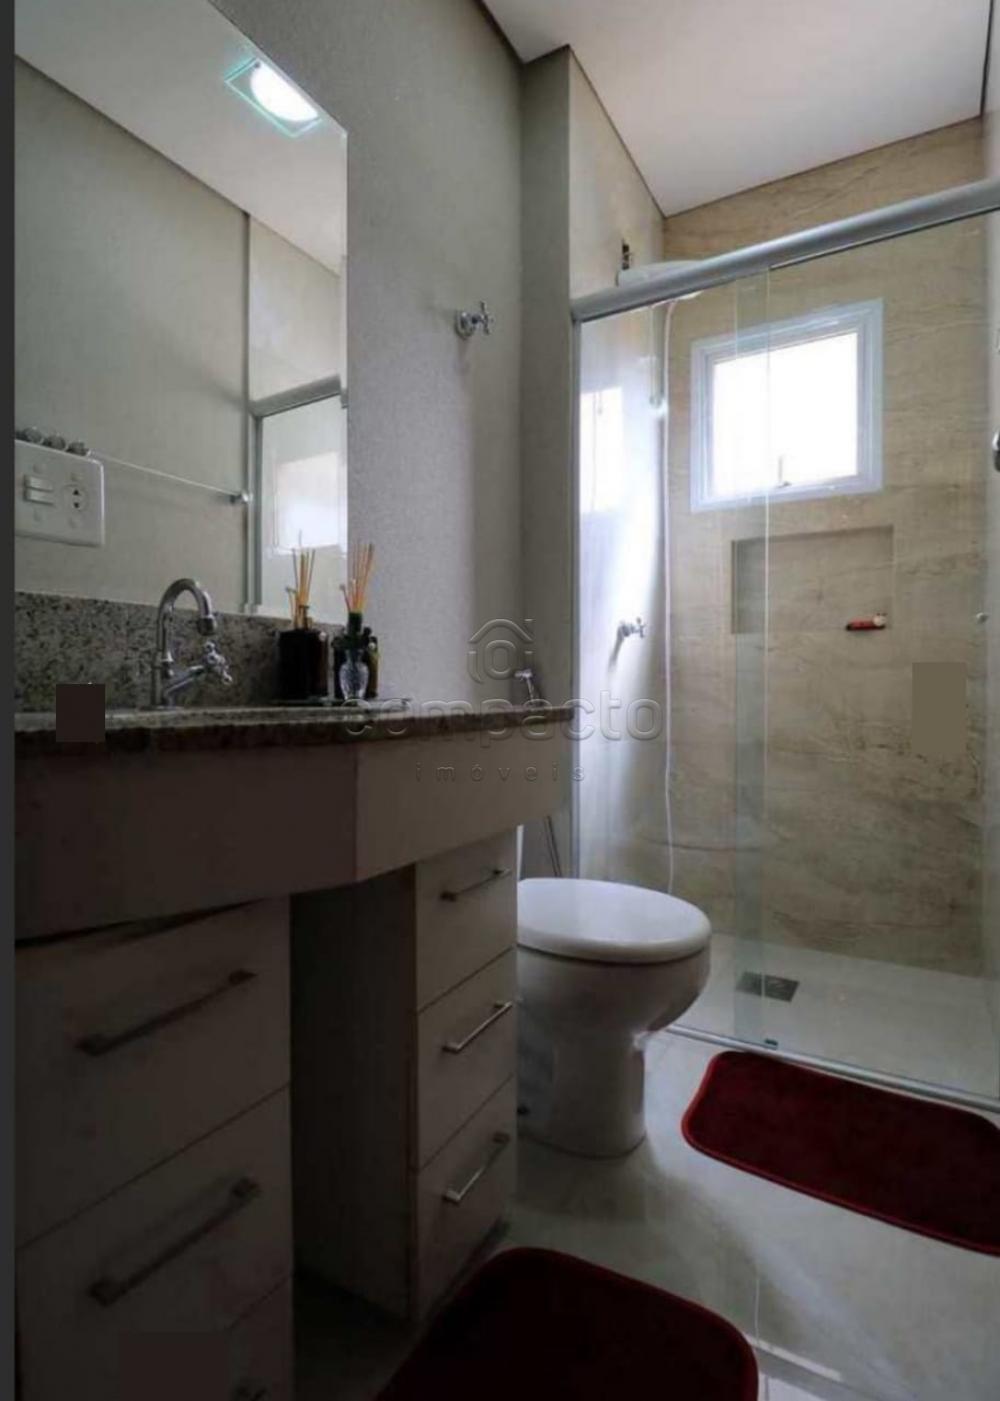 Comprar Apartamento / Padrão em São José do Rio Preto apenas R$ 340.000,00 - Foto 10